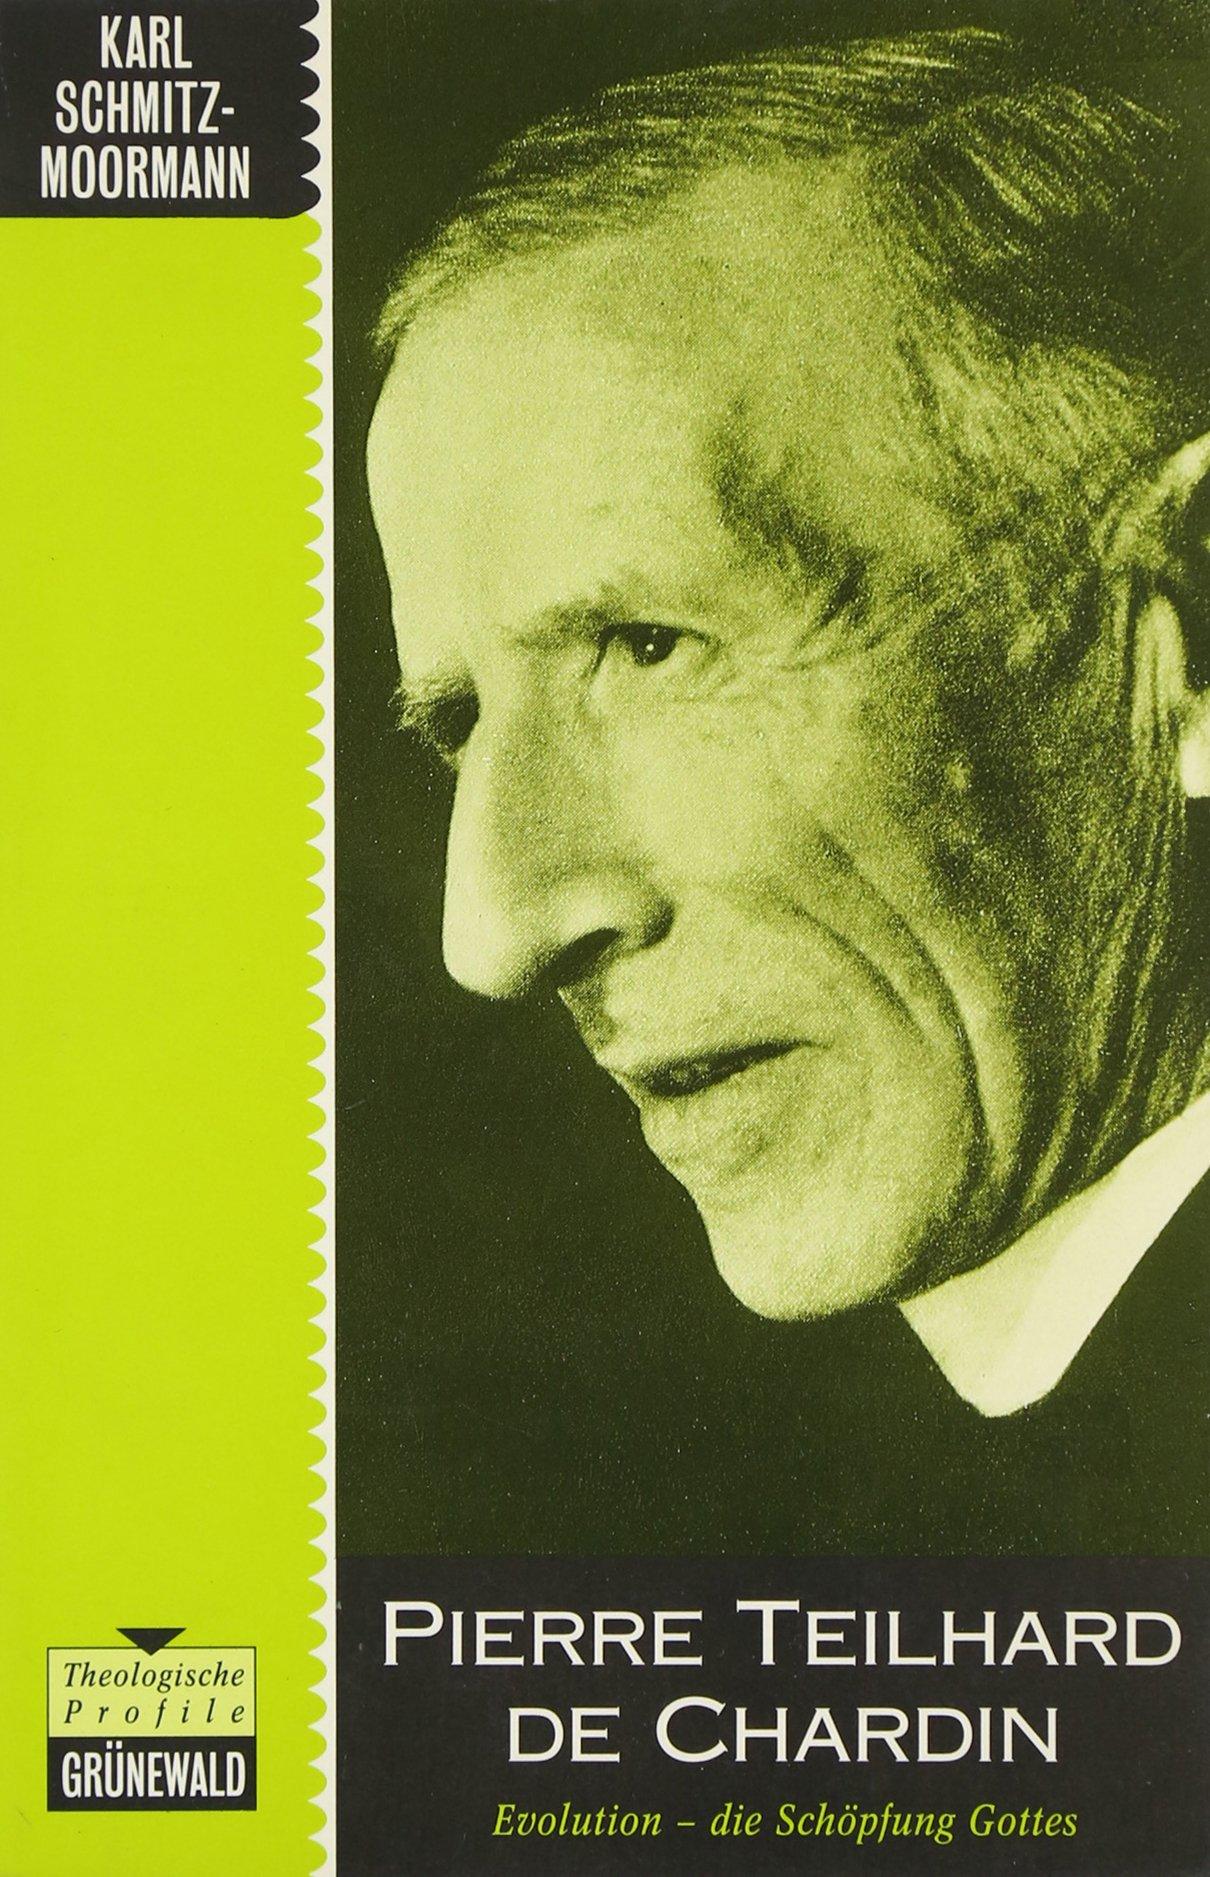 Pierre Teilhard de Chardin: Evolution - die Schöpfung Gottes